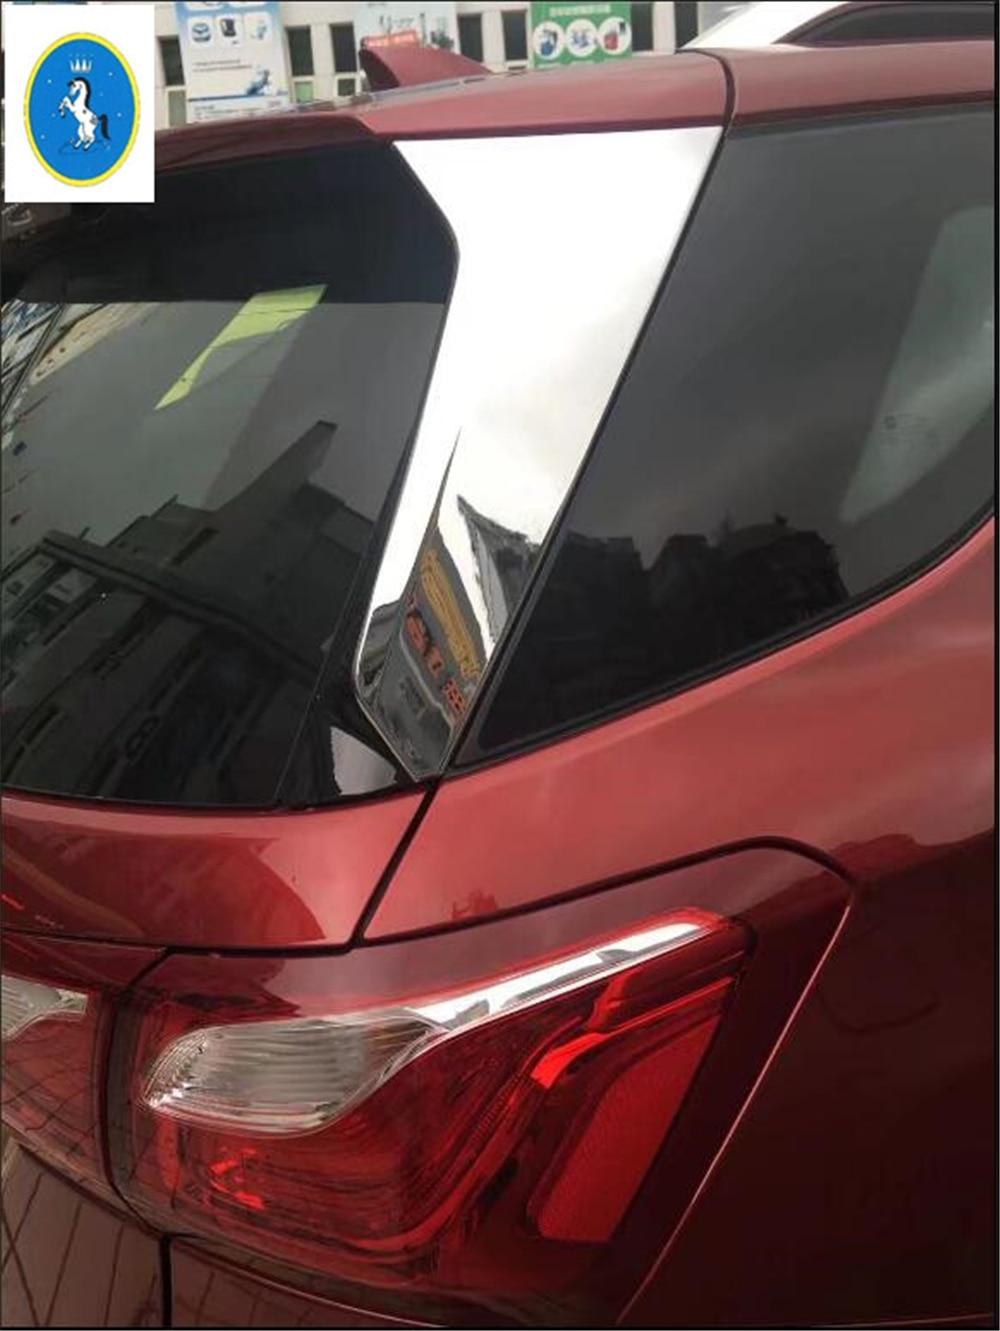 Yimaautotrims авто аксессуар задние окна полоса крышка комплект отделка 2 шт./компл. подходит для Chevrolet Equinox 2017 2018 2019 2020